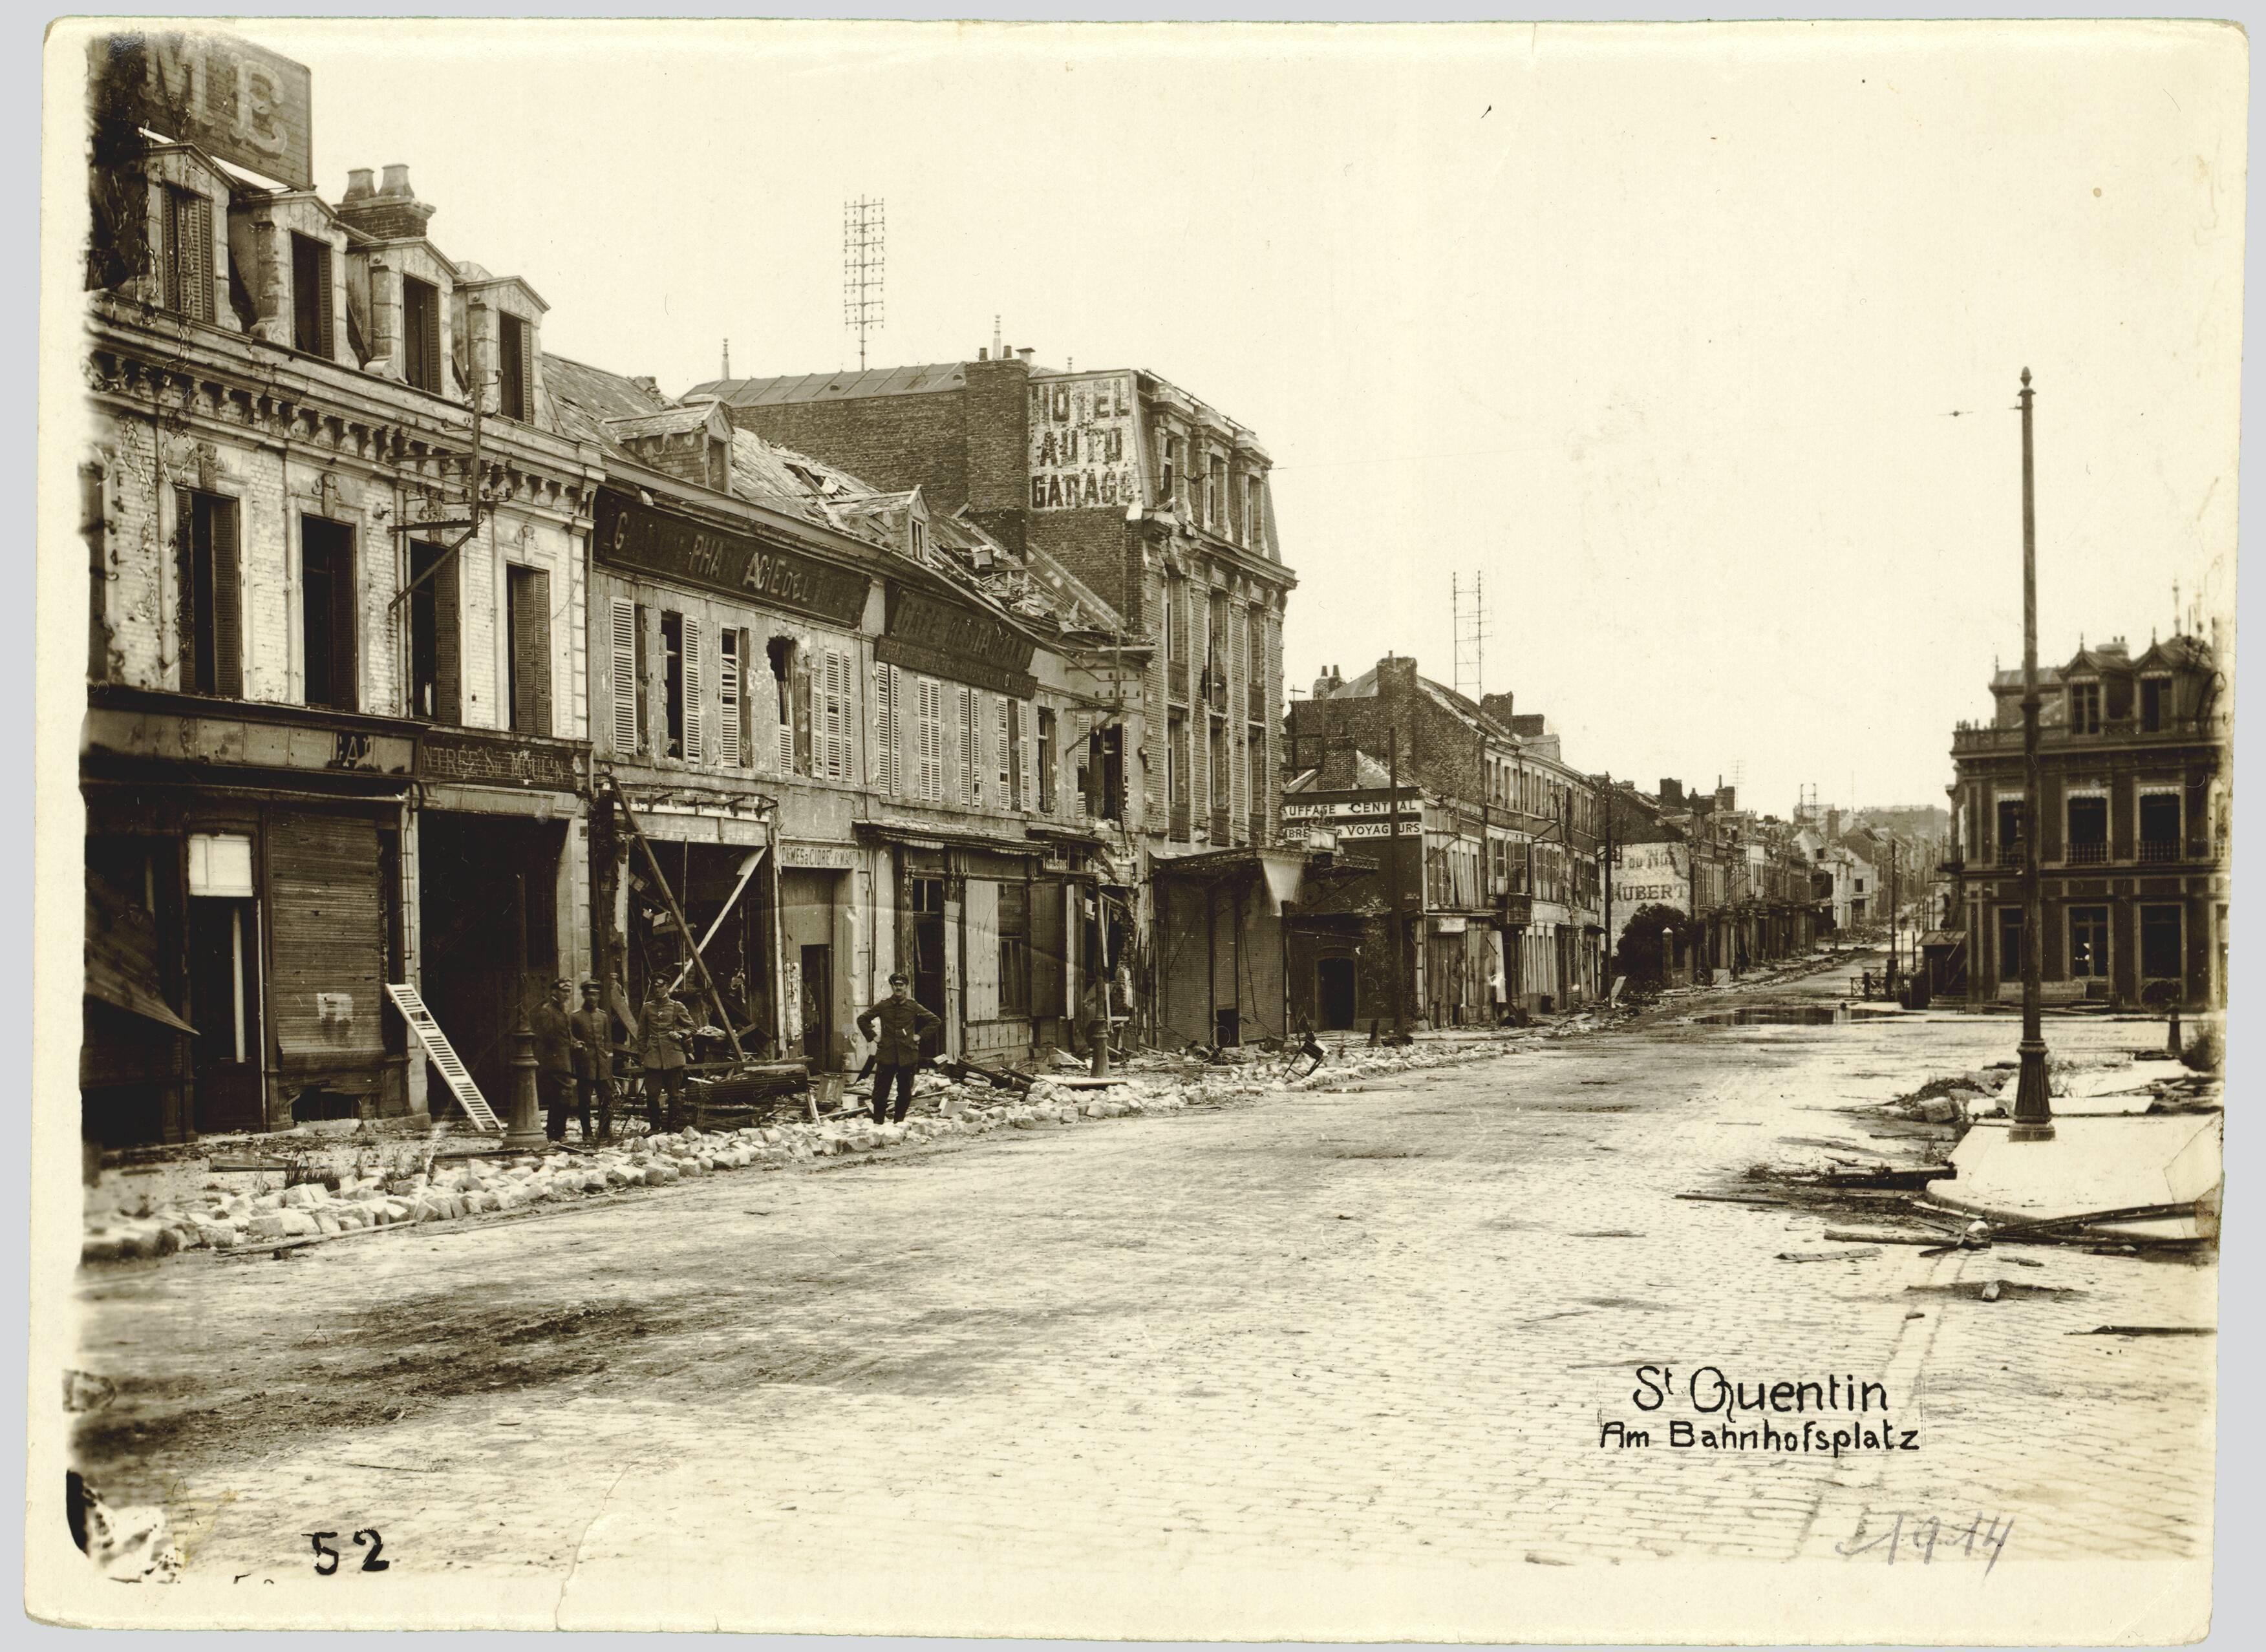 SAINT-QUENTIN. AM BAHNHOFSPLATZ. (Saint-Quentin. Place de la gare)